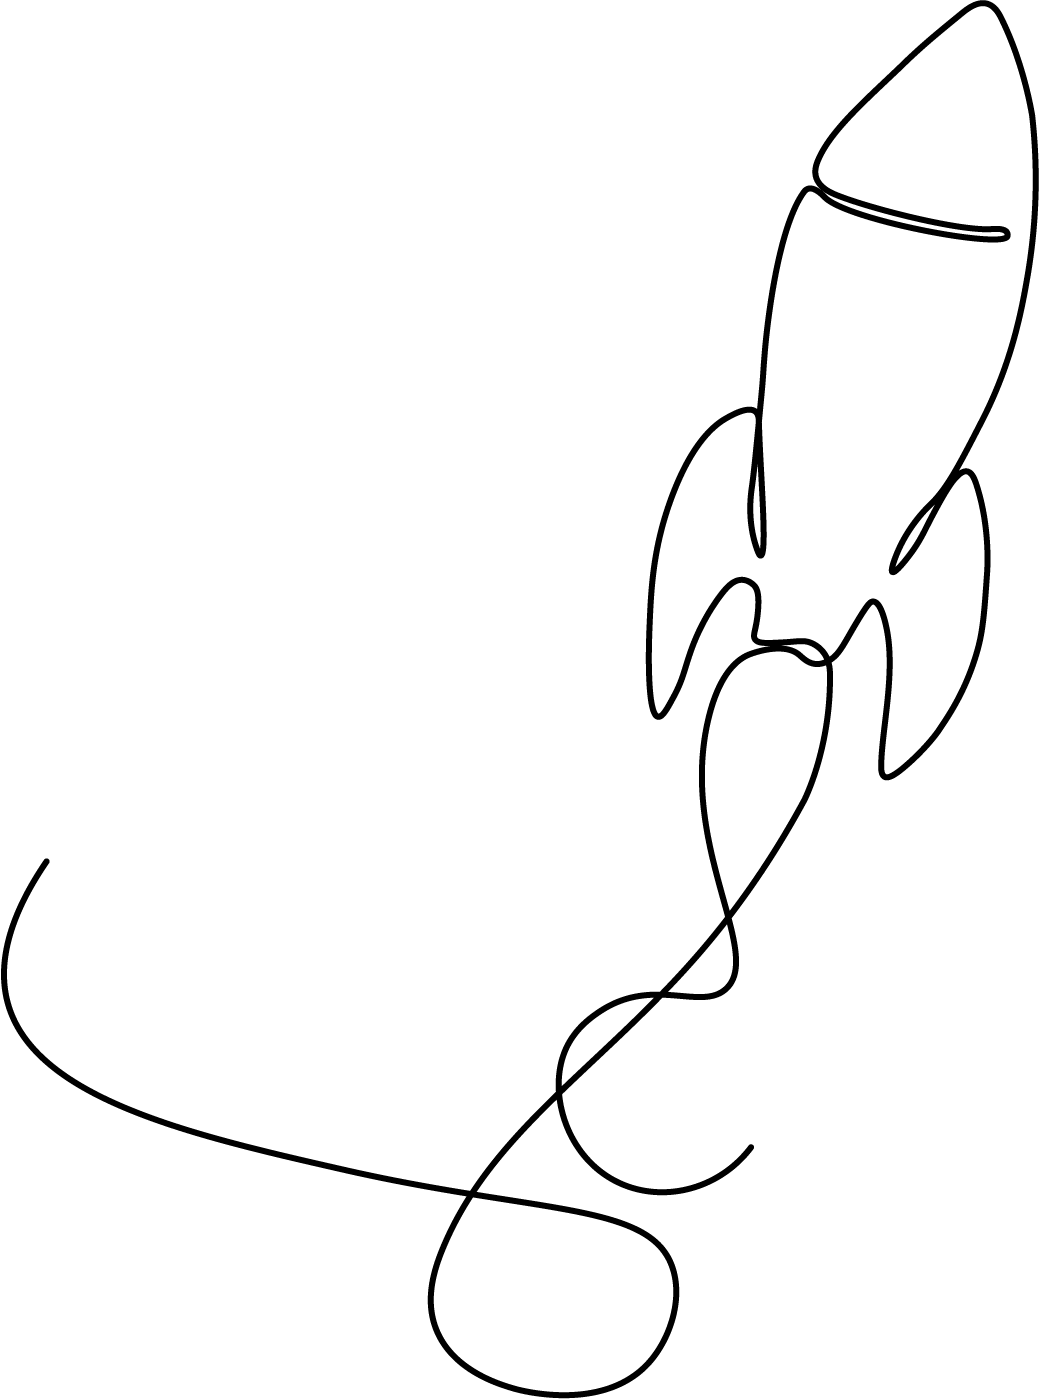 Line Art illustration of a rocket.